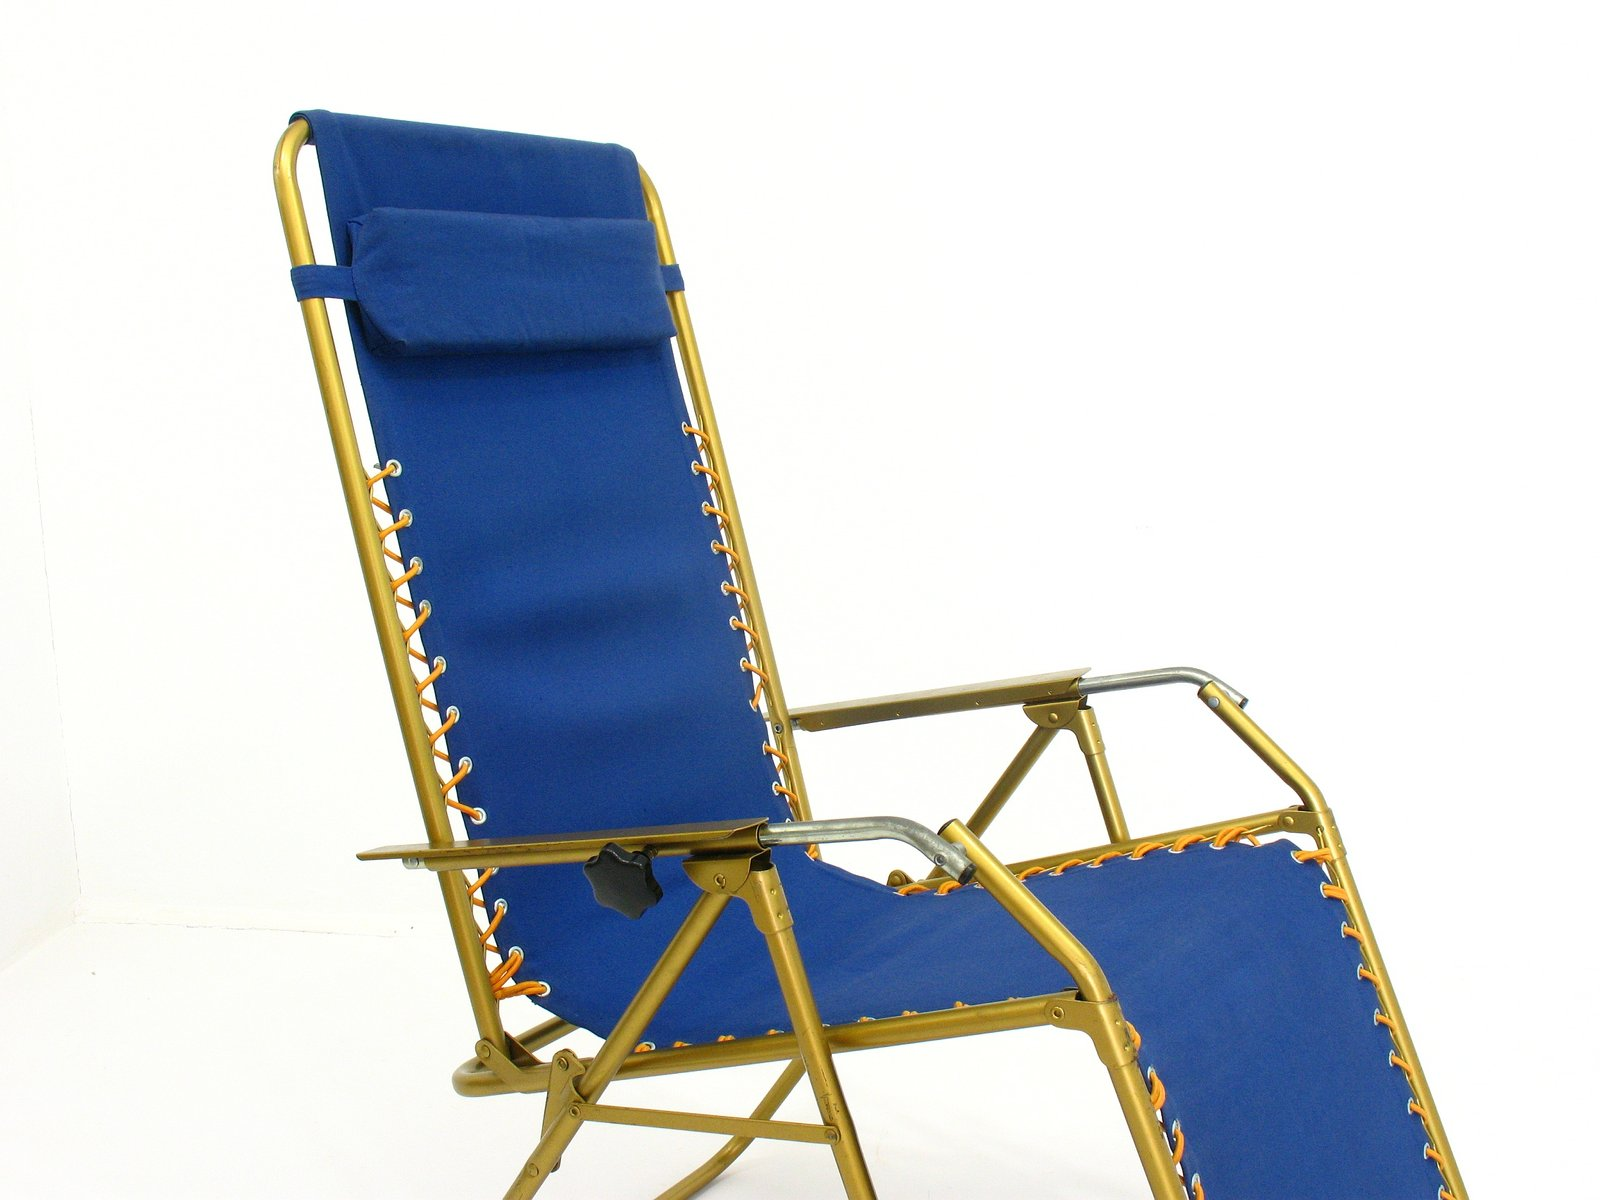 chaise longue ajustable de lafuma france 1970s en vente. Black Bedroom Furniture Sets. Home Design Ideas